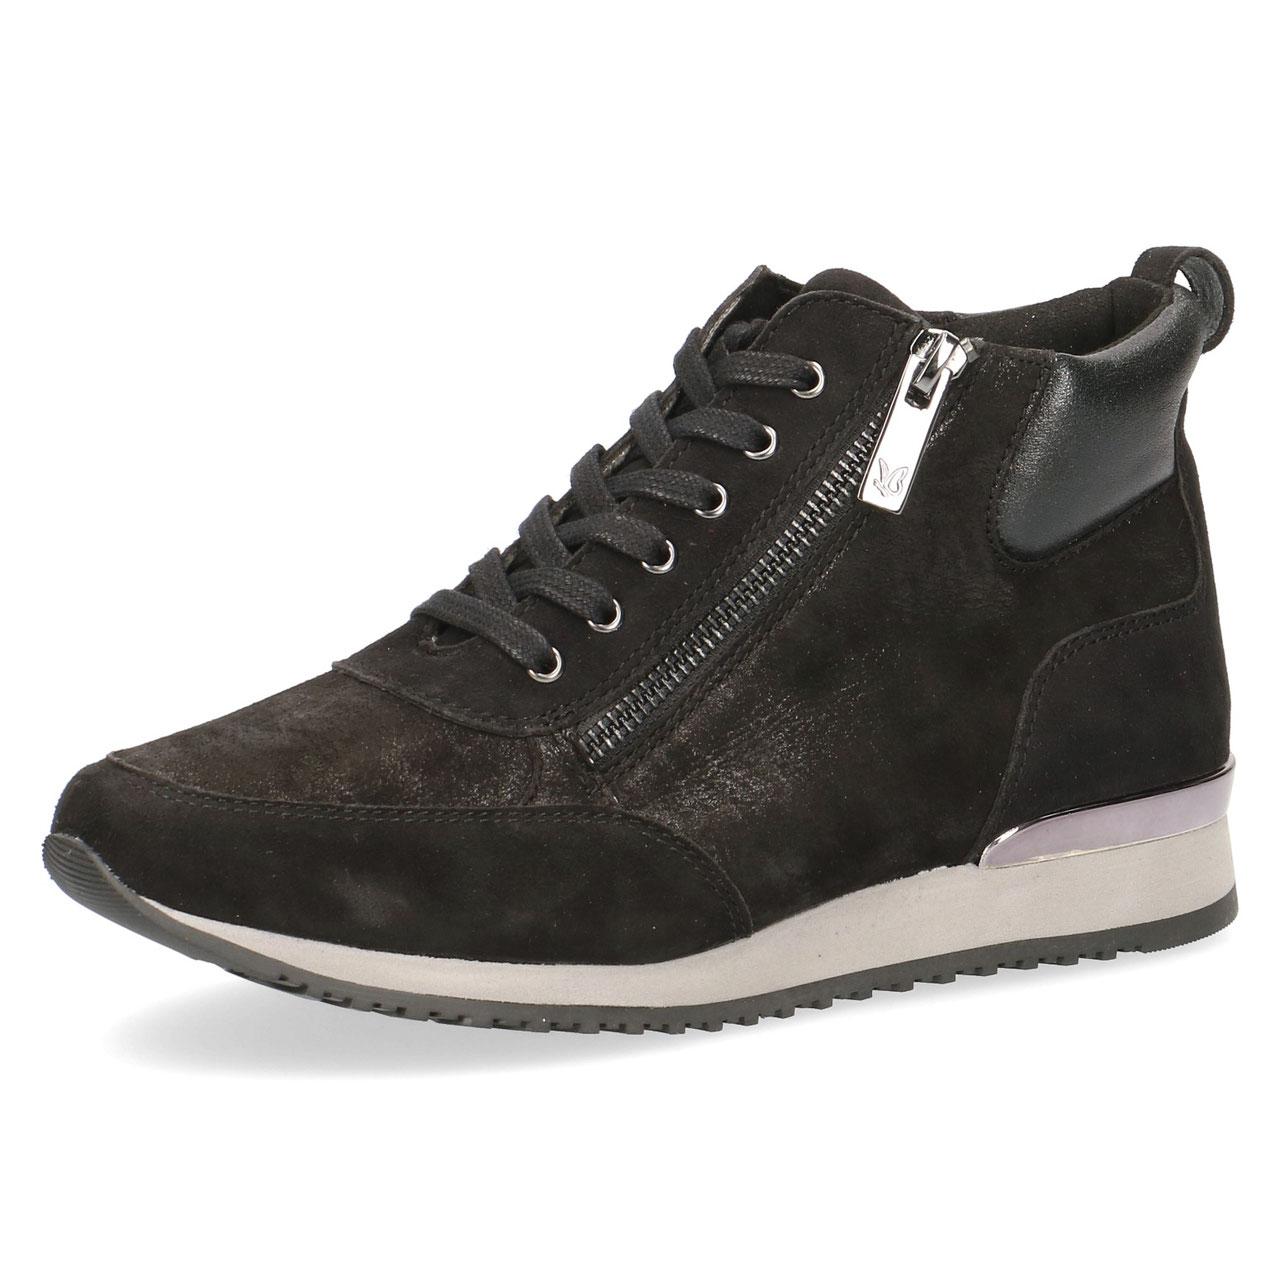 Brautschuhe Schuhfachgeschäft & Schuhe Online Shop